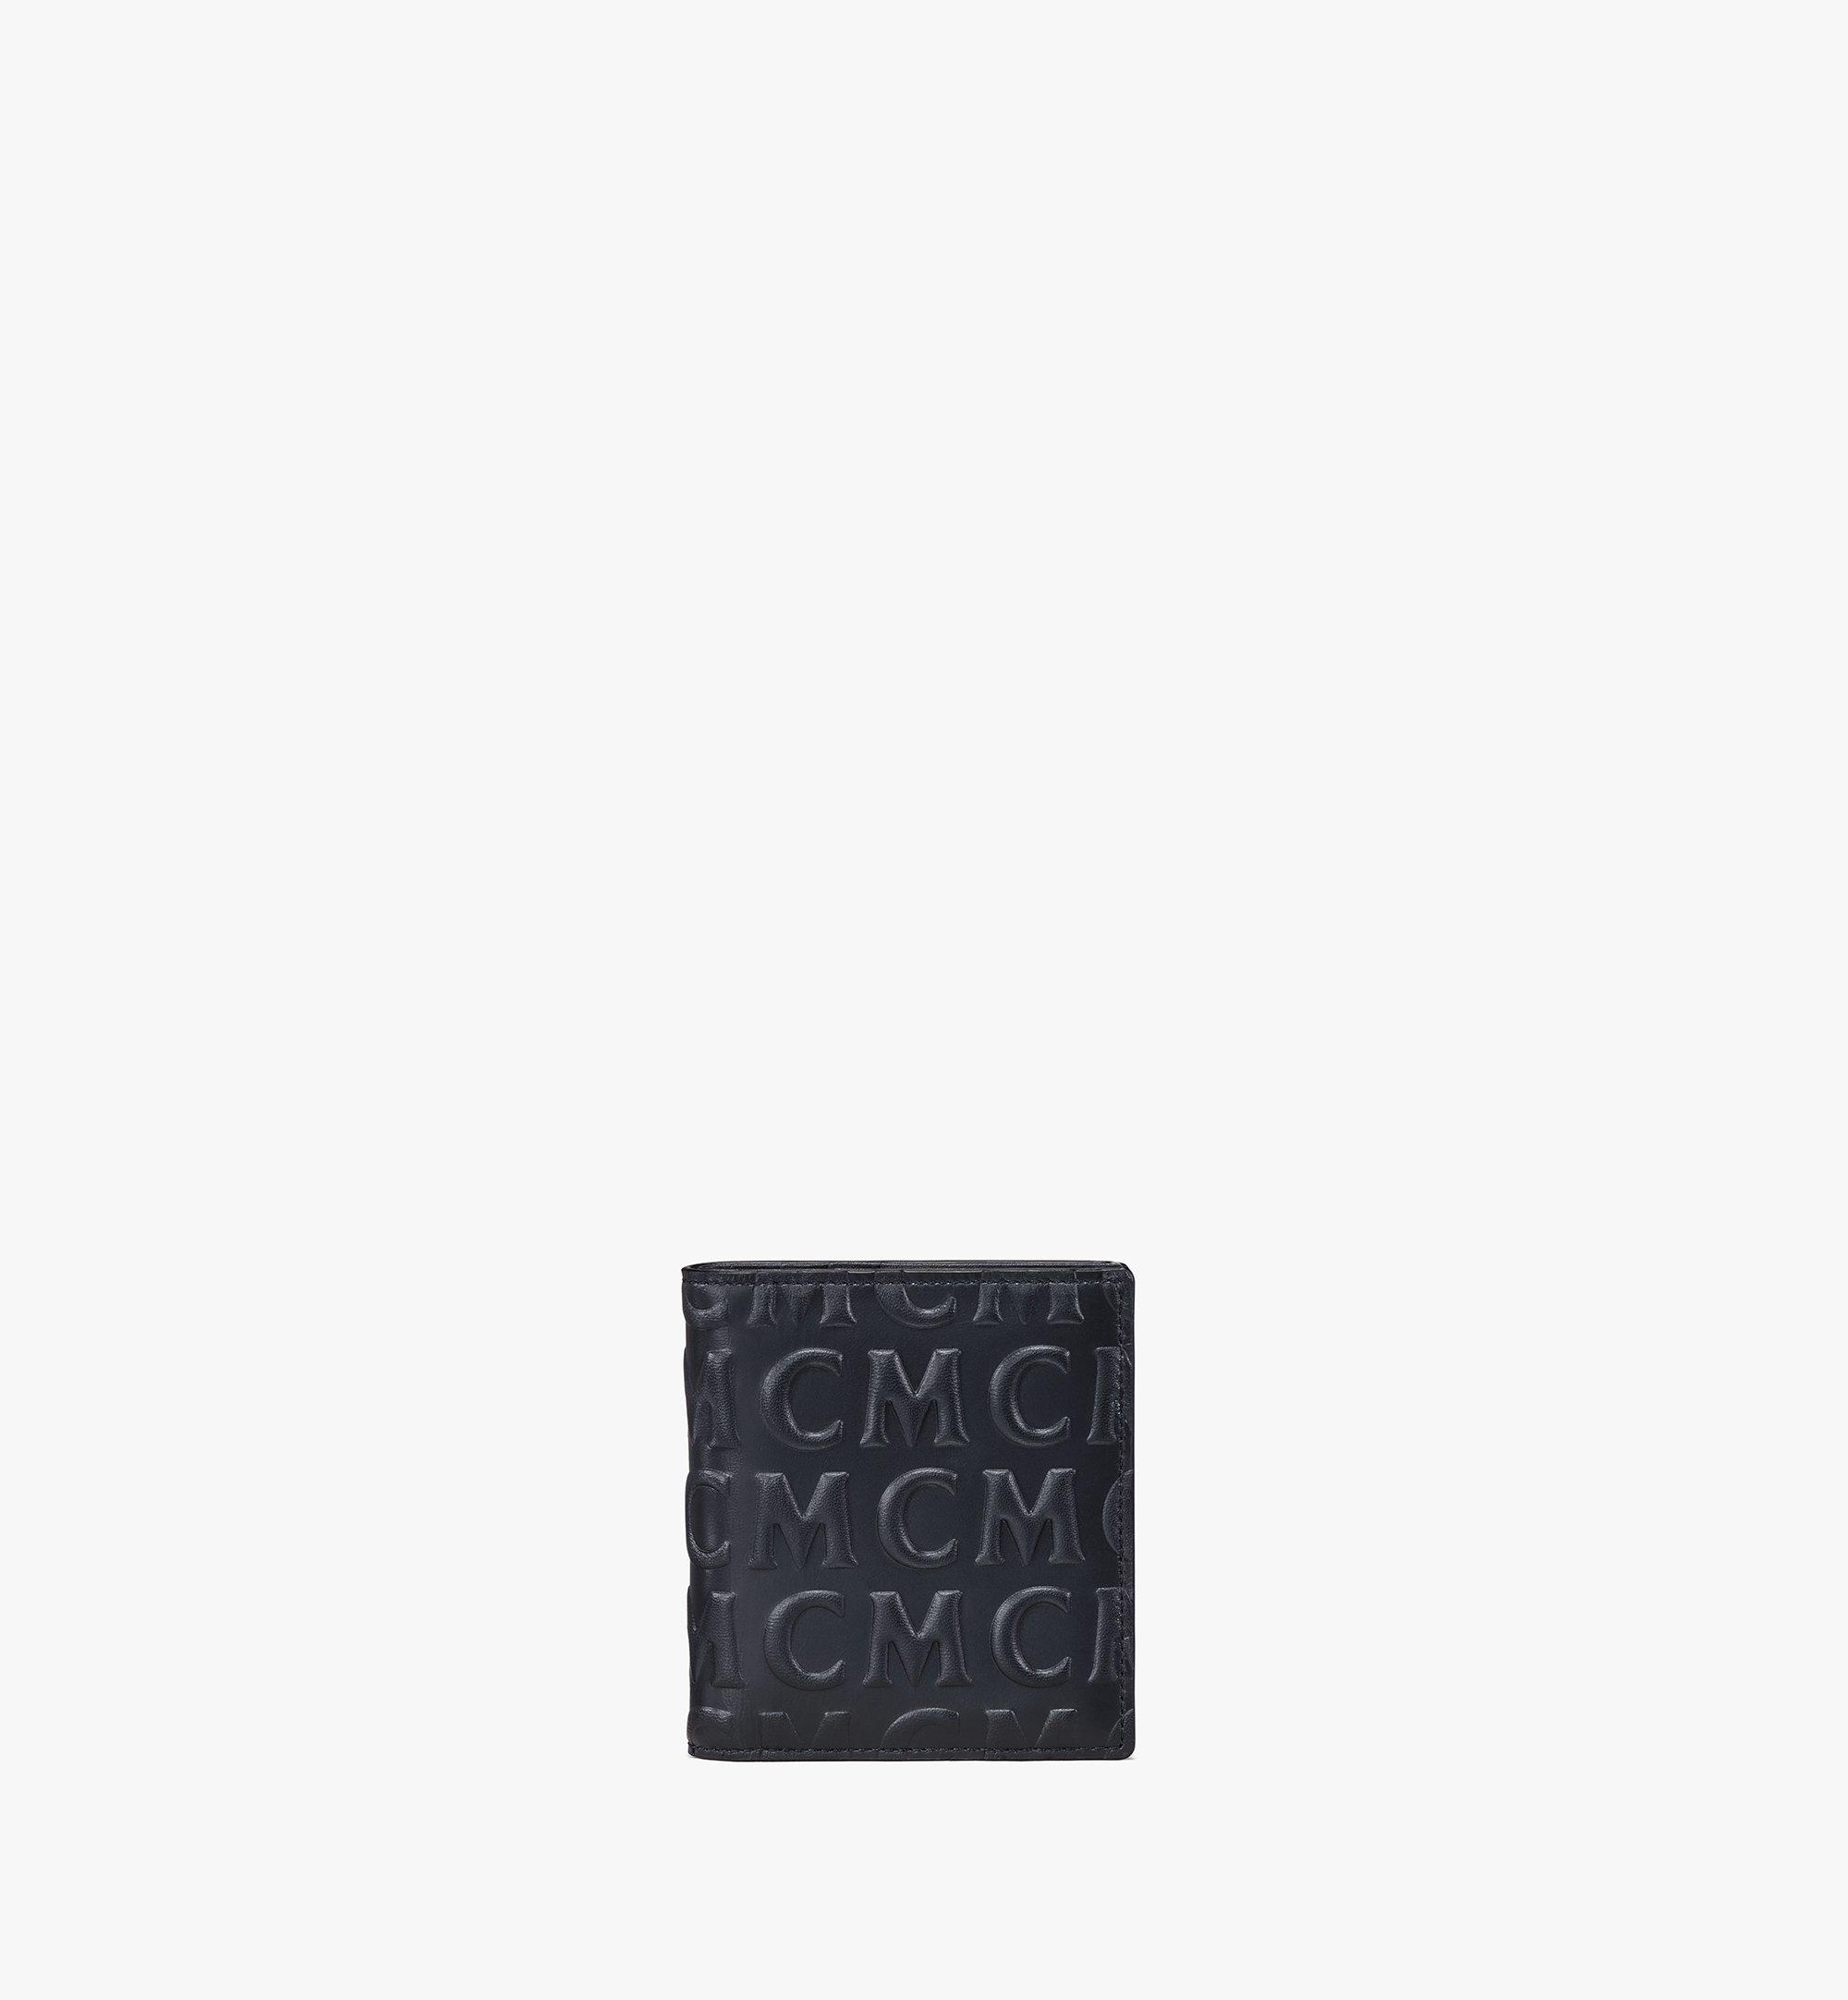 MCM Gefaltete Lederbrieftasche mit MCM-Monogramm Black MXSAAMD02BK001 Noch mehr sehen 1